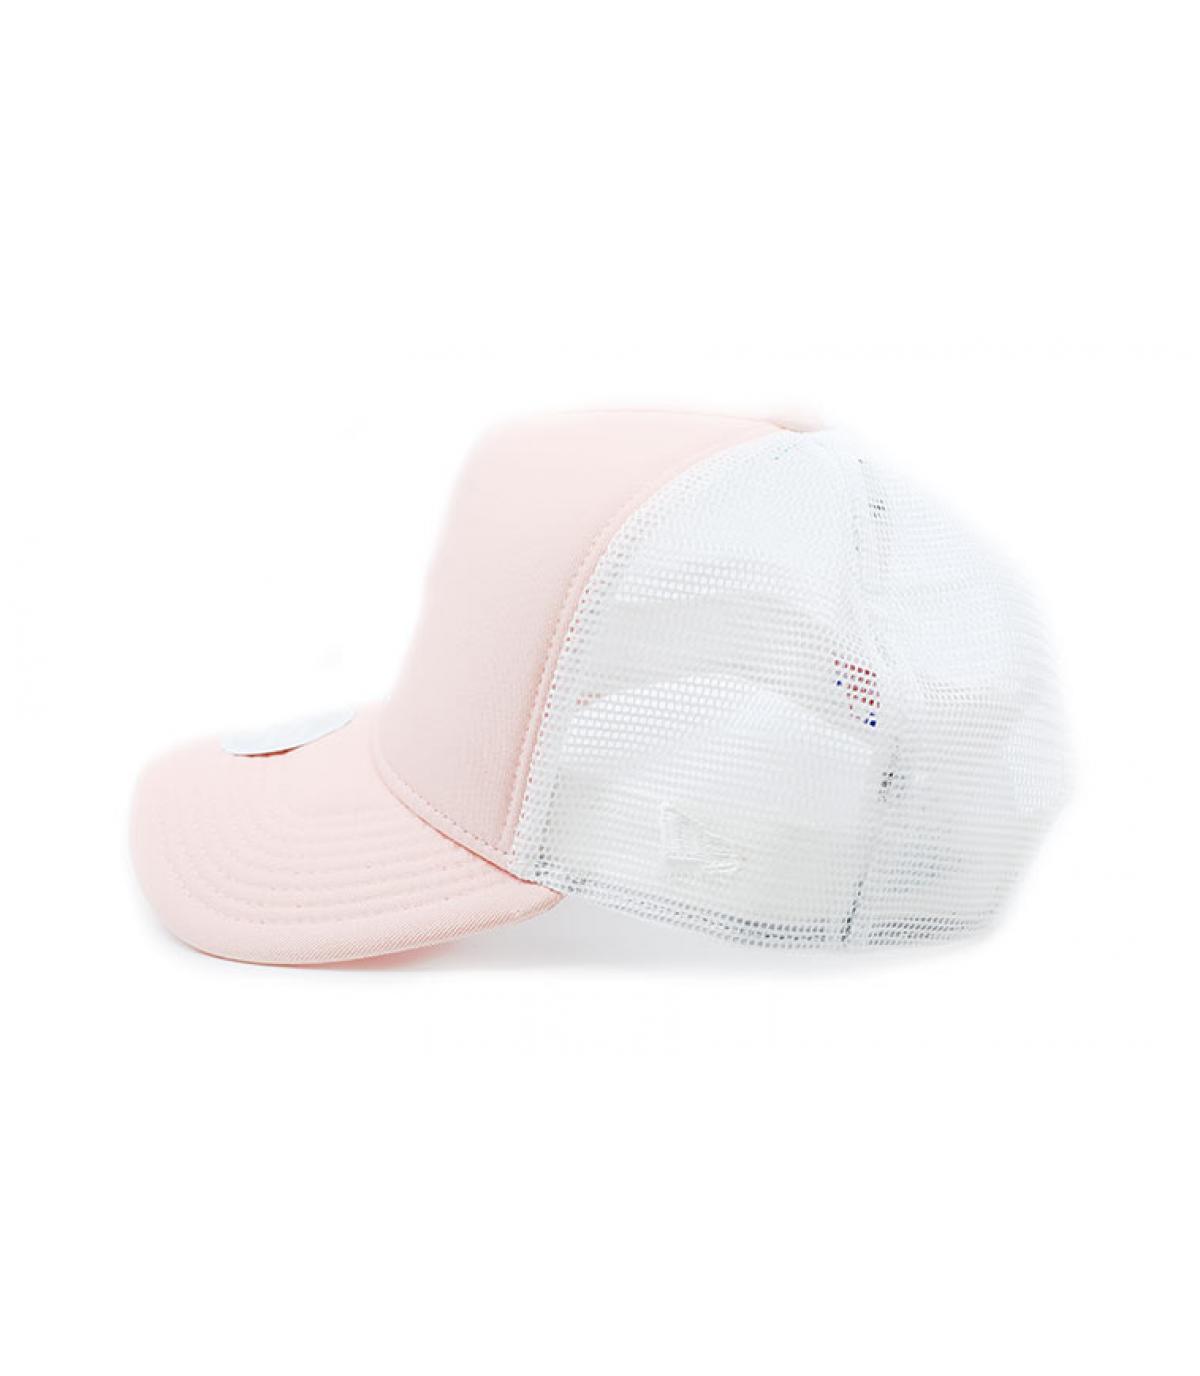 Détails Trucker League Ess NY pink lemonade - image 4